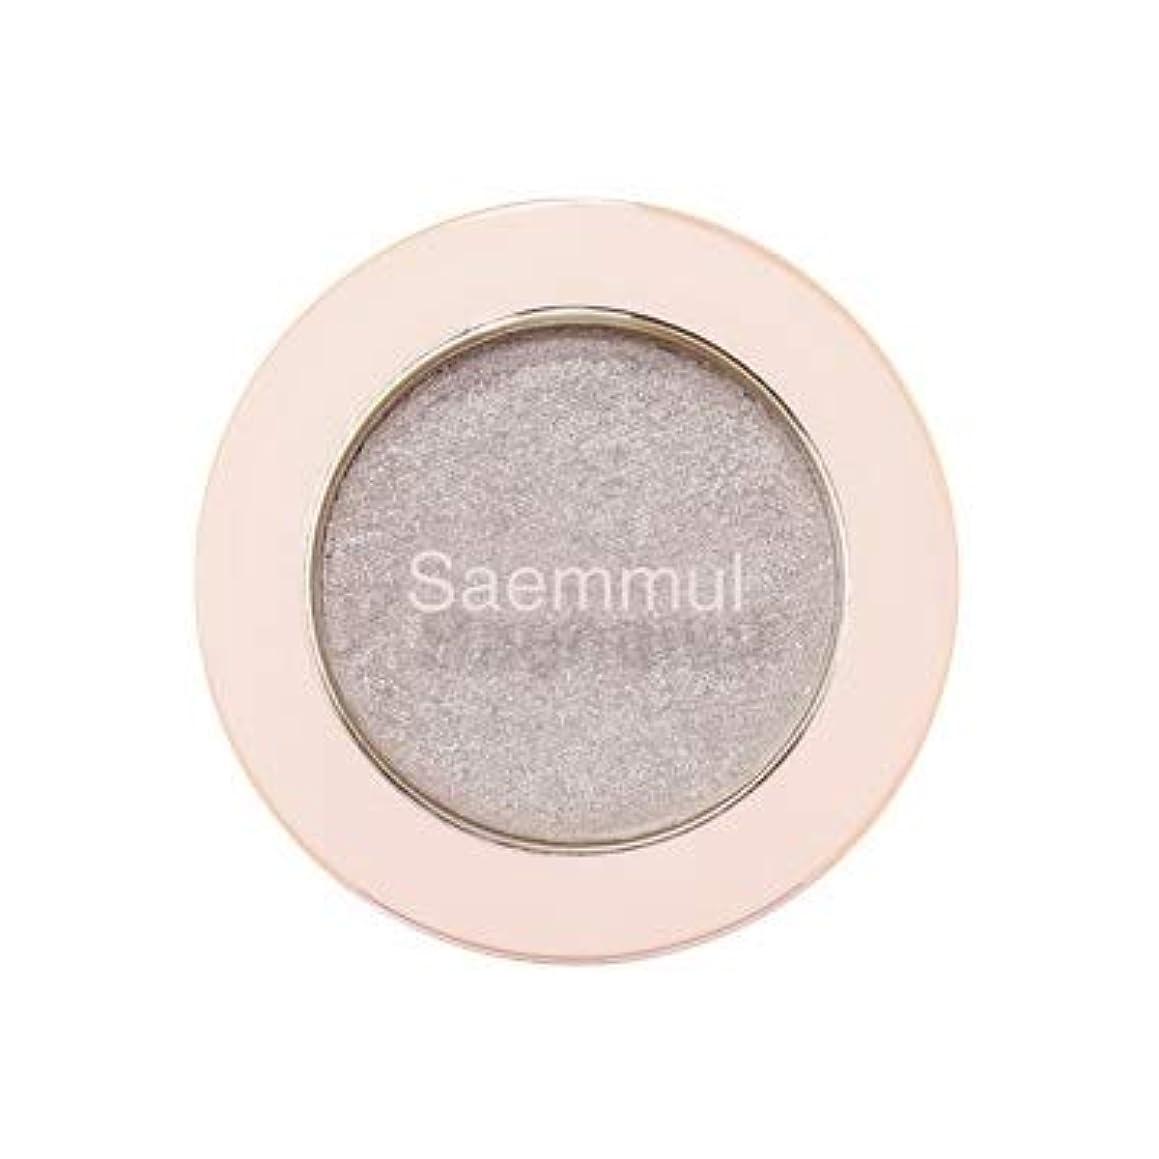 カウント詳細に尊厳theSAEM ザセム セムムル シングル シャドウ グリッター 7類 Saemmul Single Shadow GLITTER アイシャドウ 韓国コスメ (WH02)